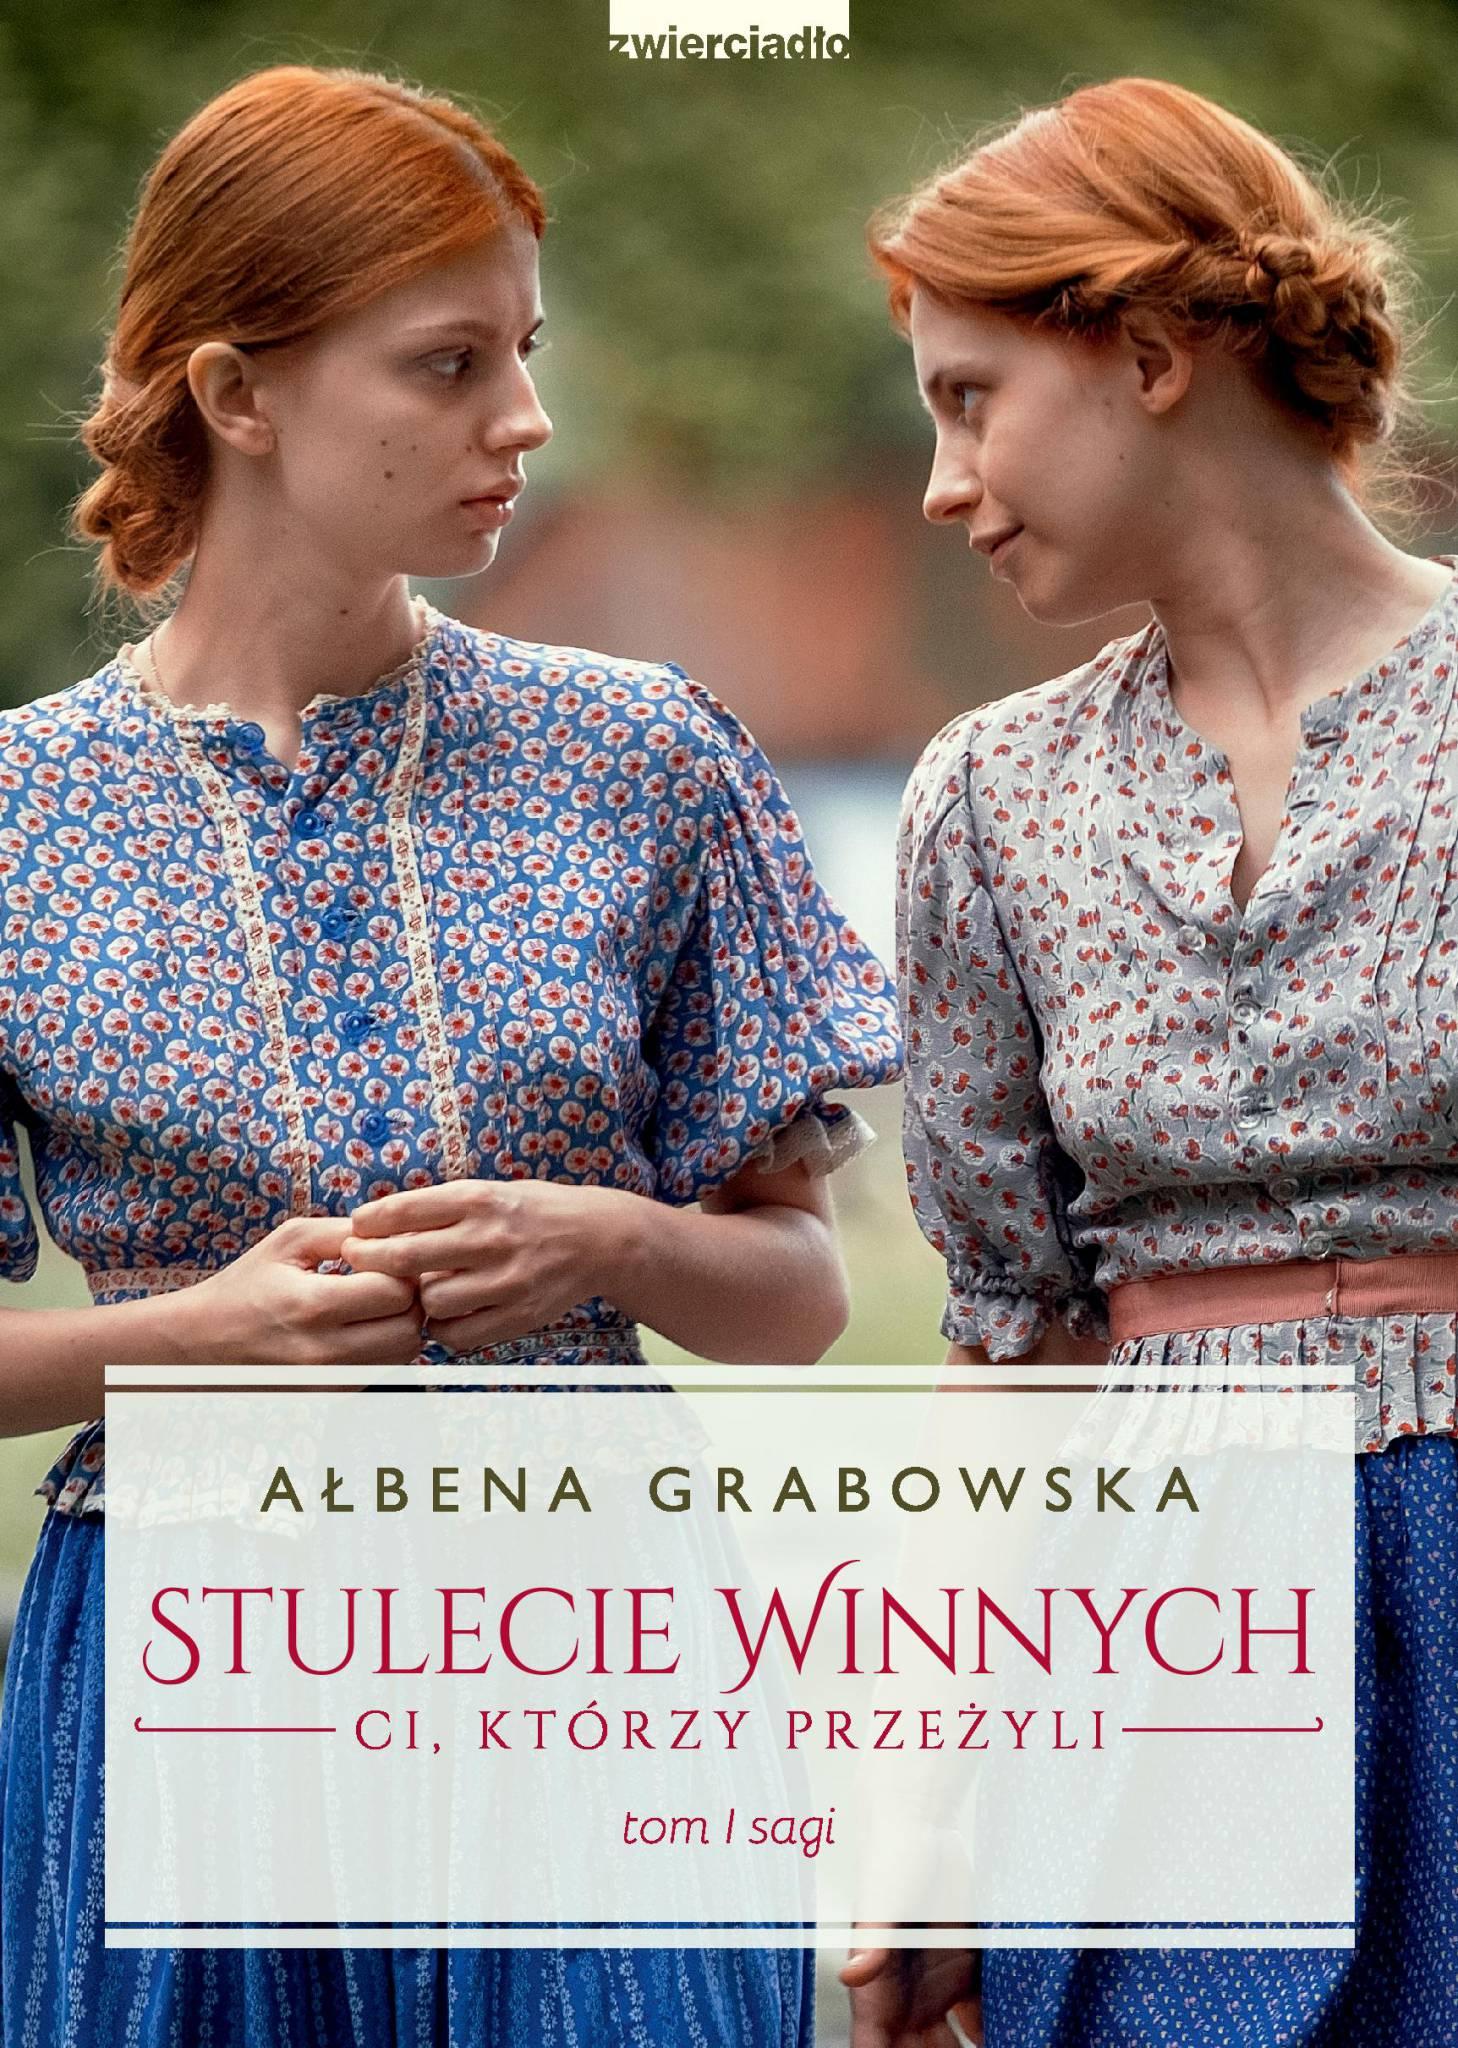 Stulecie Winnych. Ci, którzy przeżyli. Tom 1. (wydanie serialowe) - Ałbena Grabowska